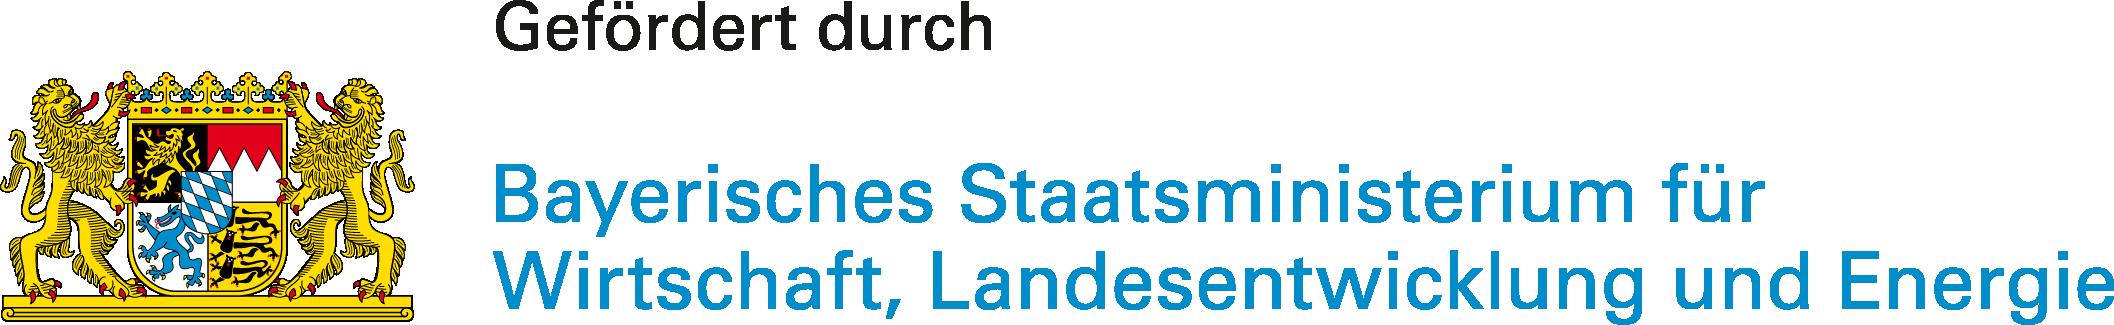 Gefördert durch Bayerisches Staatsministerium für Wirtschaft, Energie und Technologie